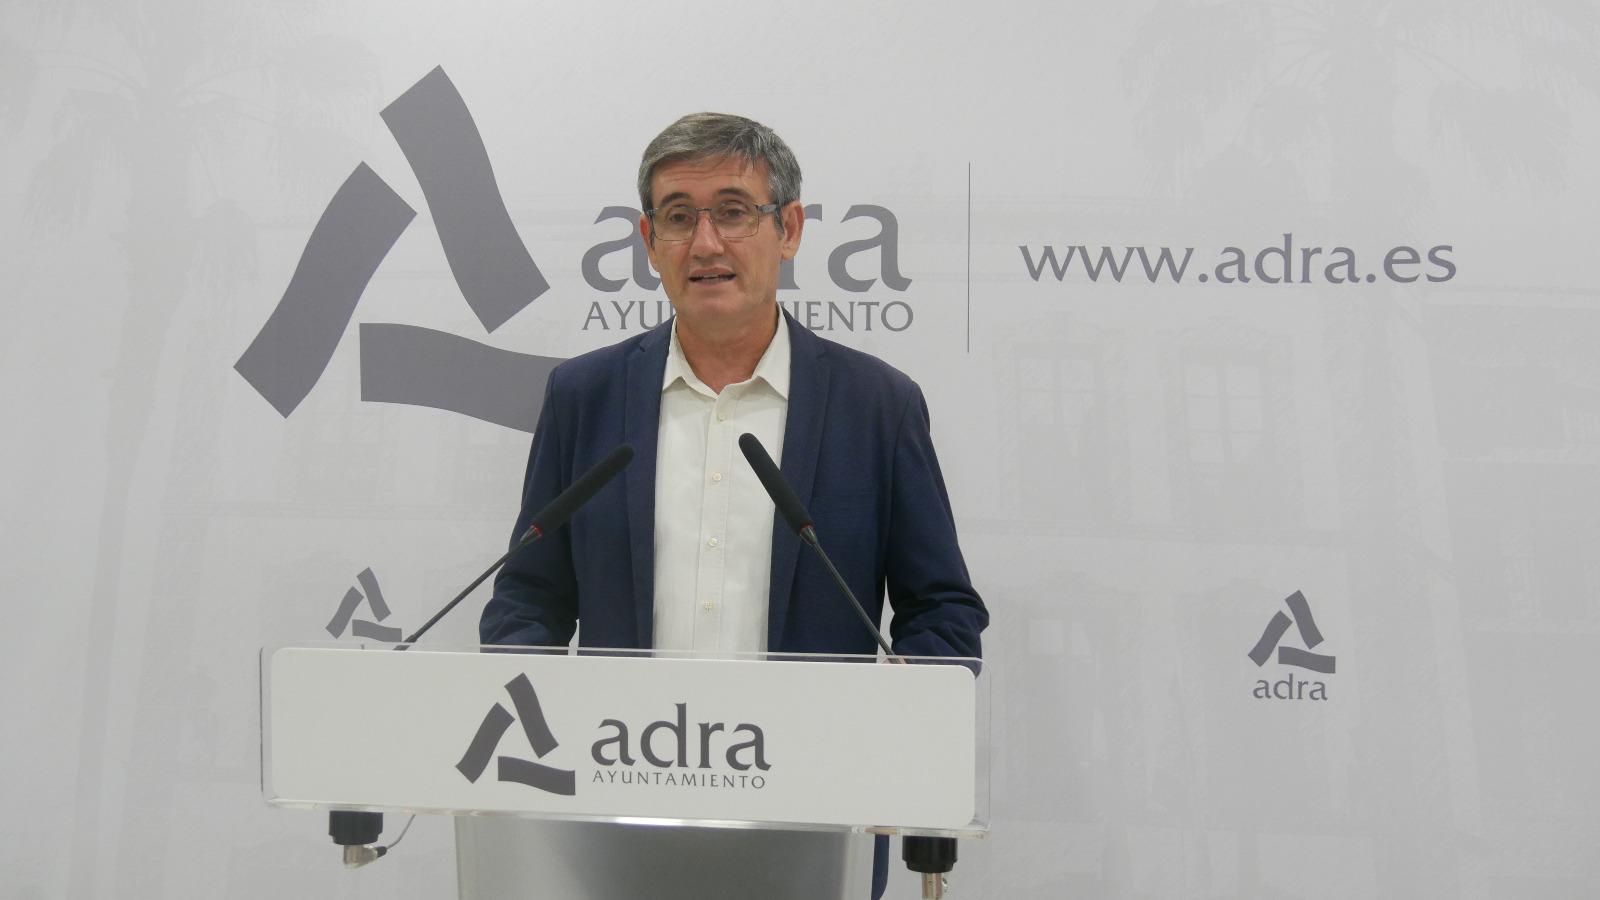 201030 Manuel Cortés anuncia nuevas medidas para frenar el avance de la pandemia en AdrA